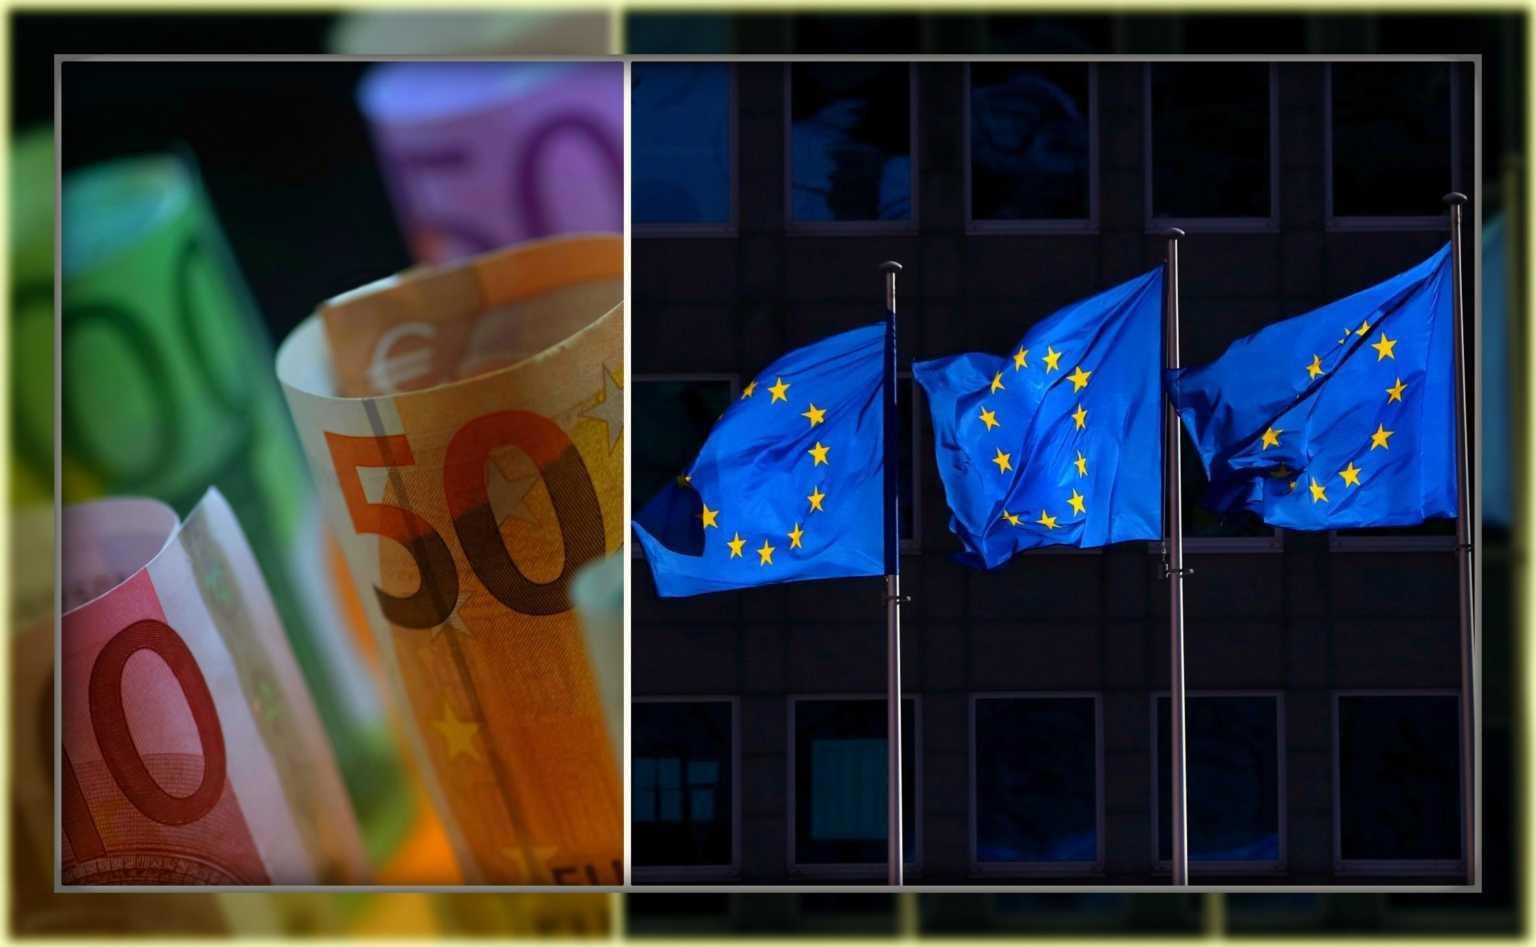 Ταμείο Ανάκαμψης: 33 δισ. ευρώ καθαρά προτείνει για την Ελλάδα η Κομισιόν